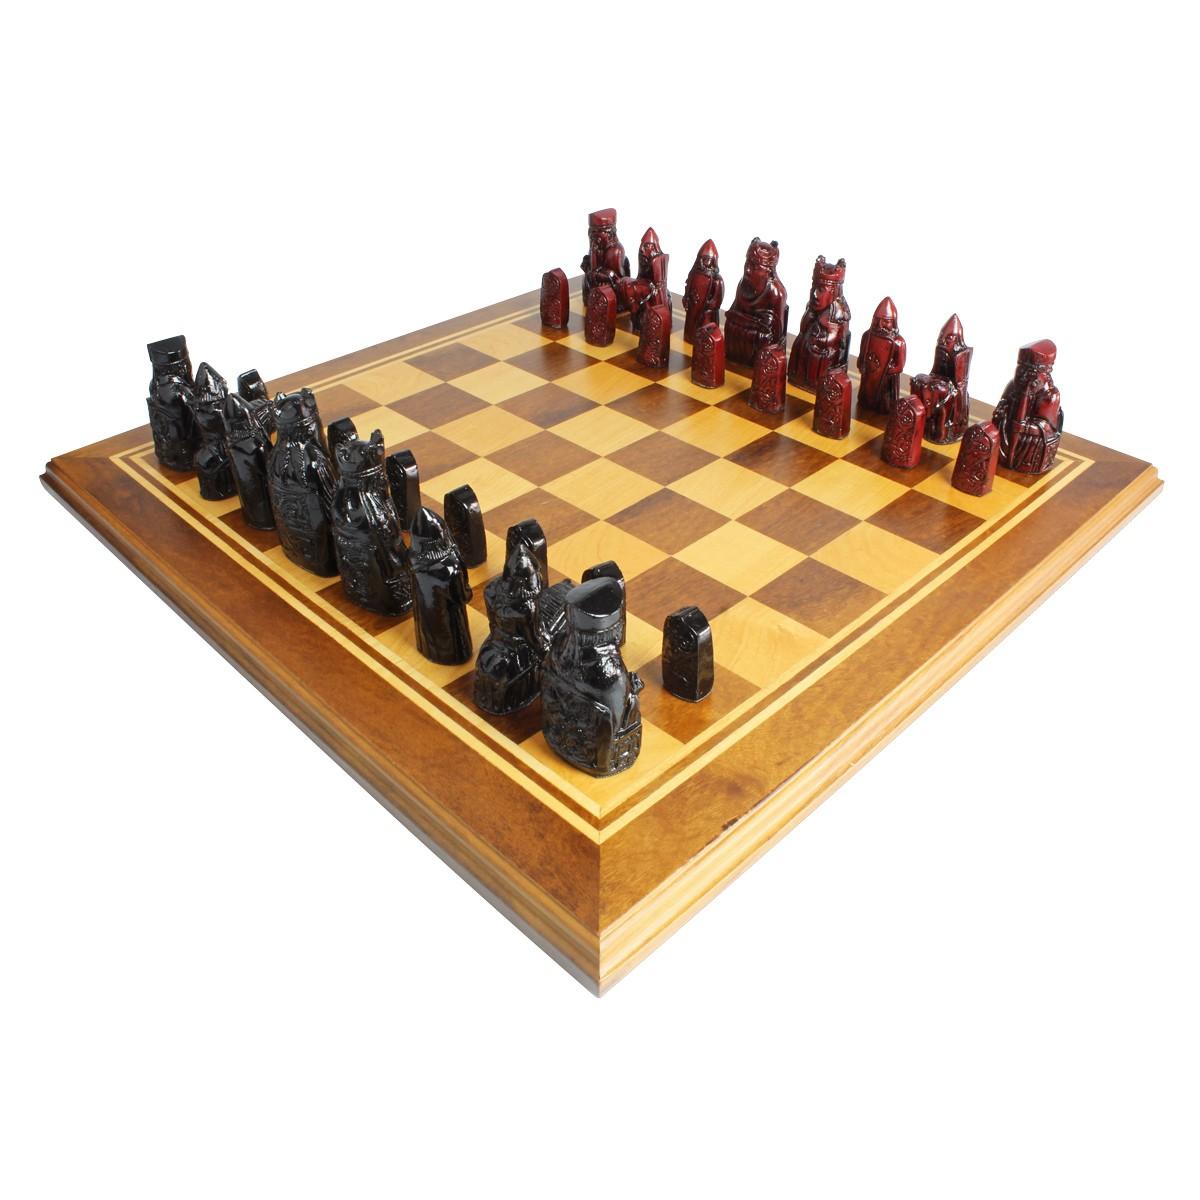 Tabuleiro de xadrez Marchetado Luxo Exclusivo Lewis 32 peças